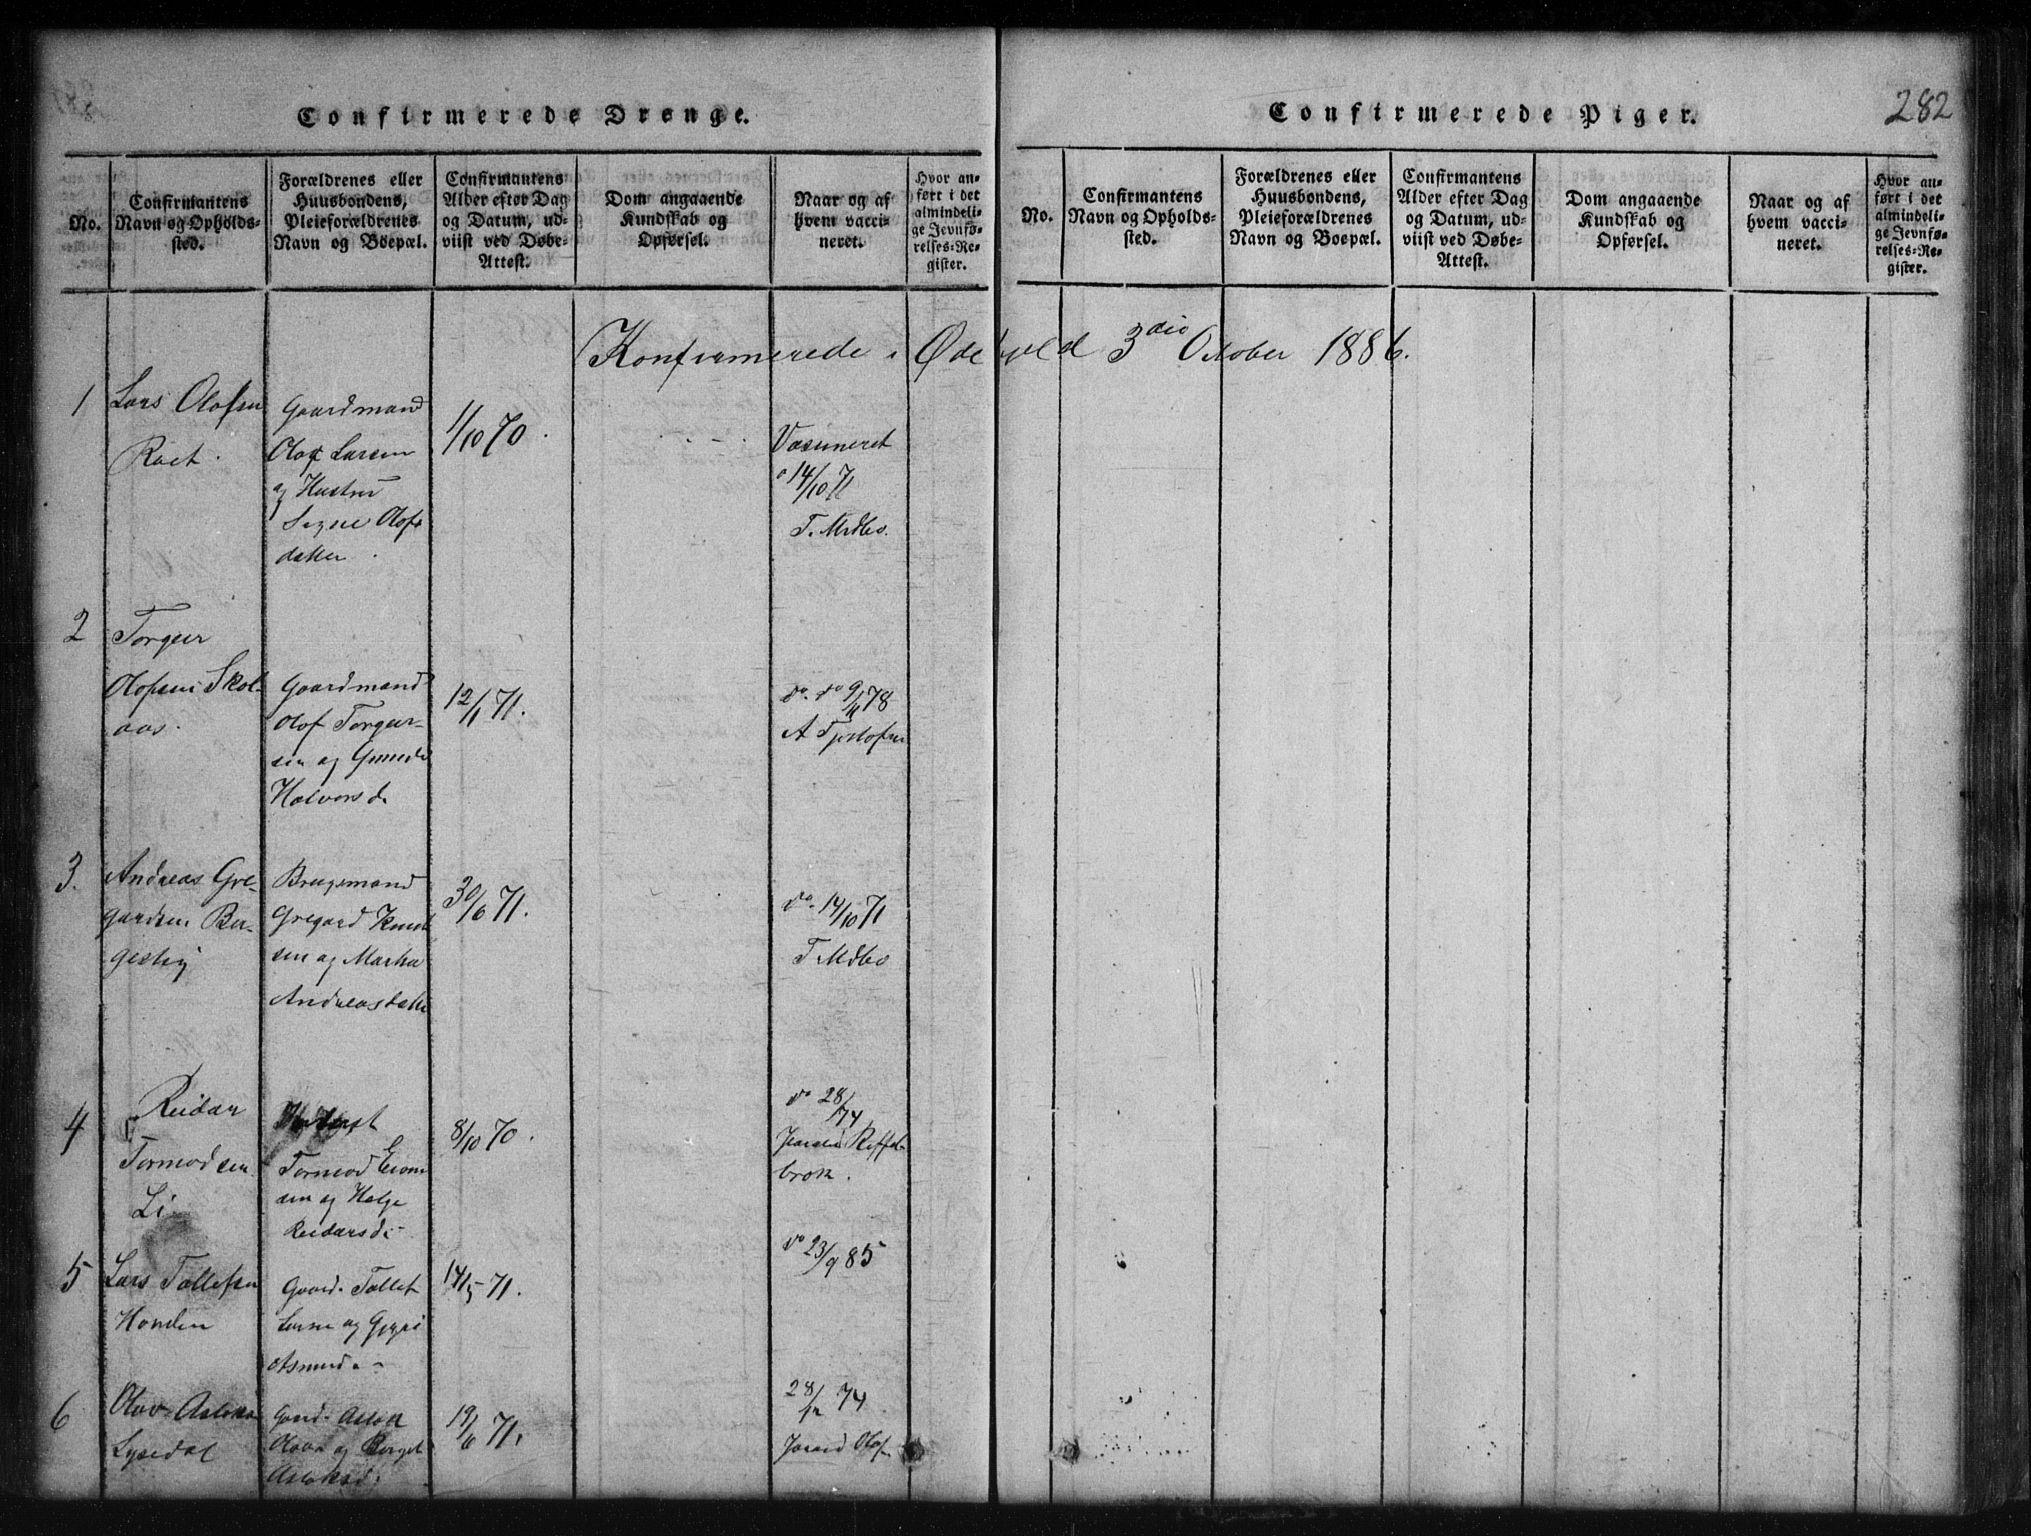 SAKO, Rauland kirkebøker, G/Gb/L0001: Klokkerbok nr. II 1, 1815-1886, s. 282